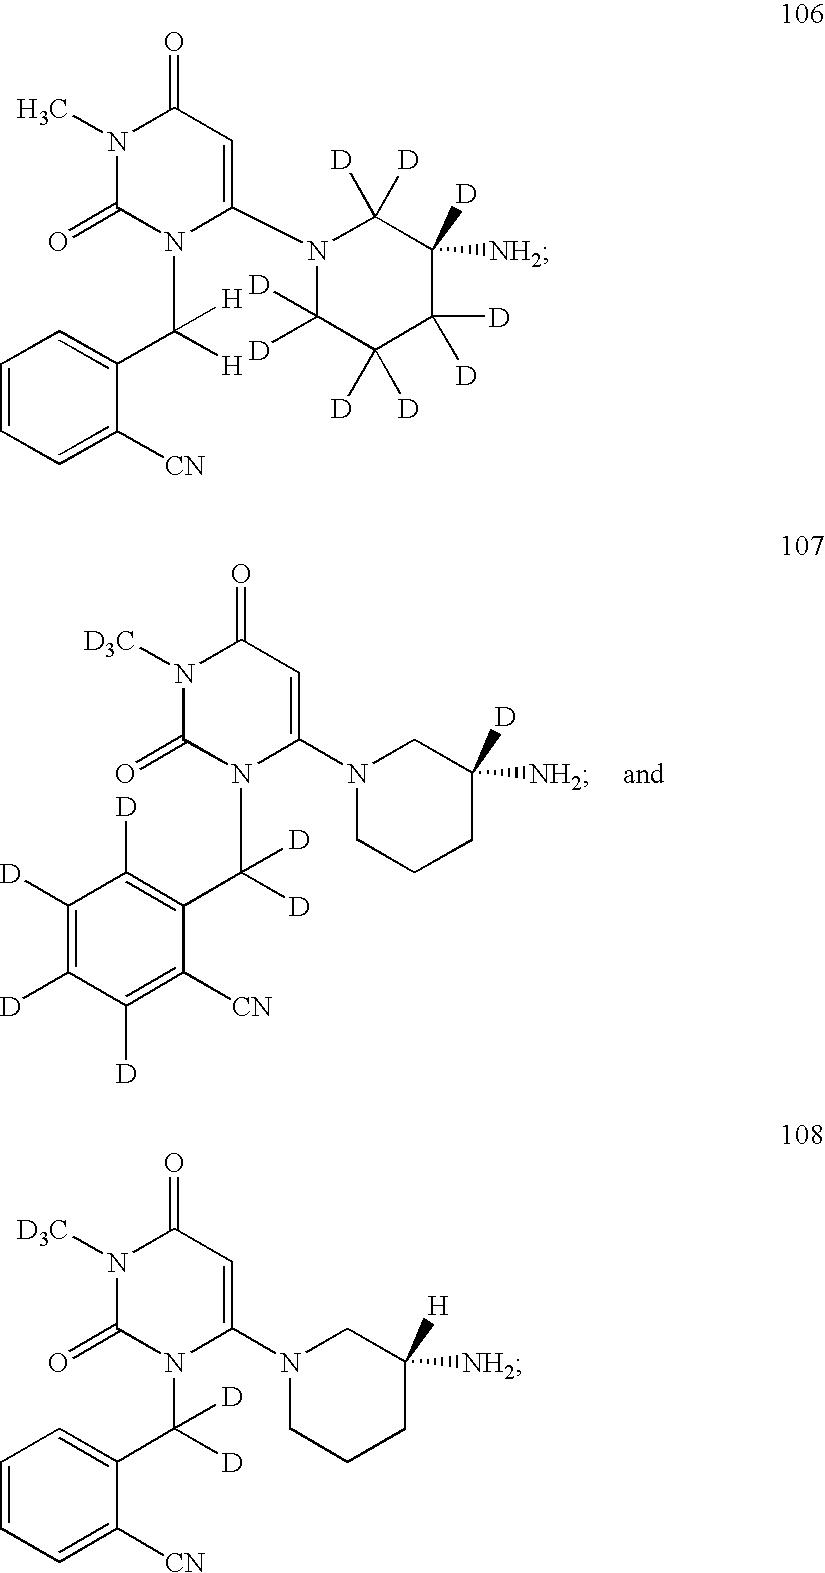 Figure US20090137457A1-20090528-C00015